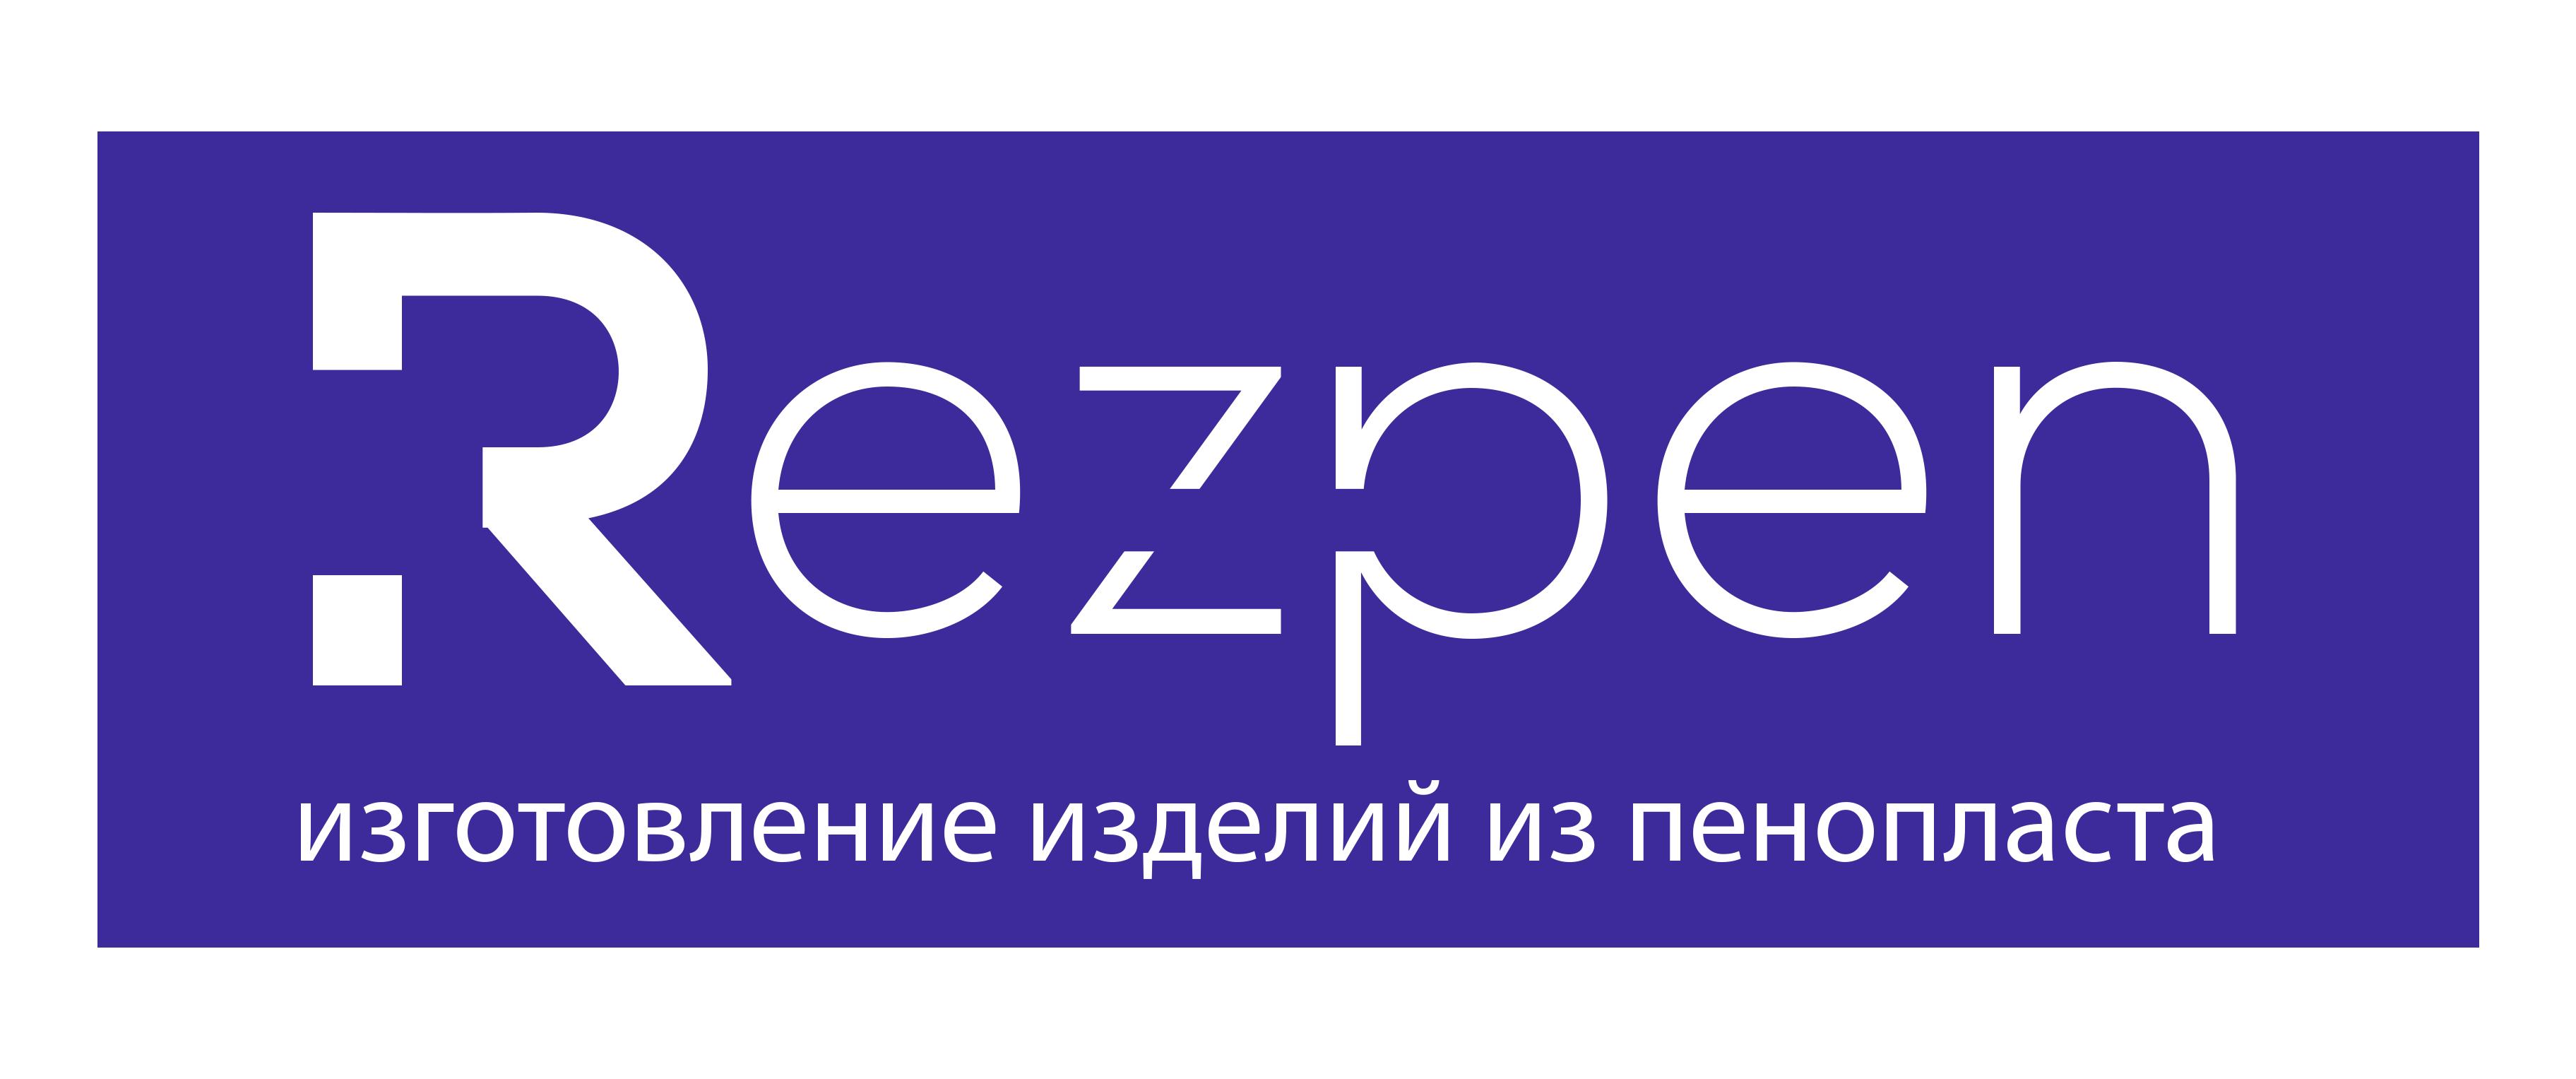 Редизайн логотипа фото f_5625a4fba6d7df05.png